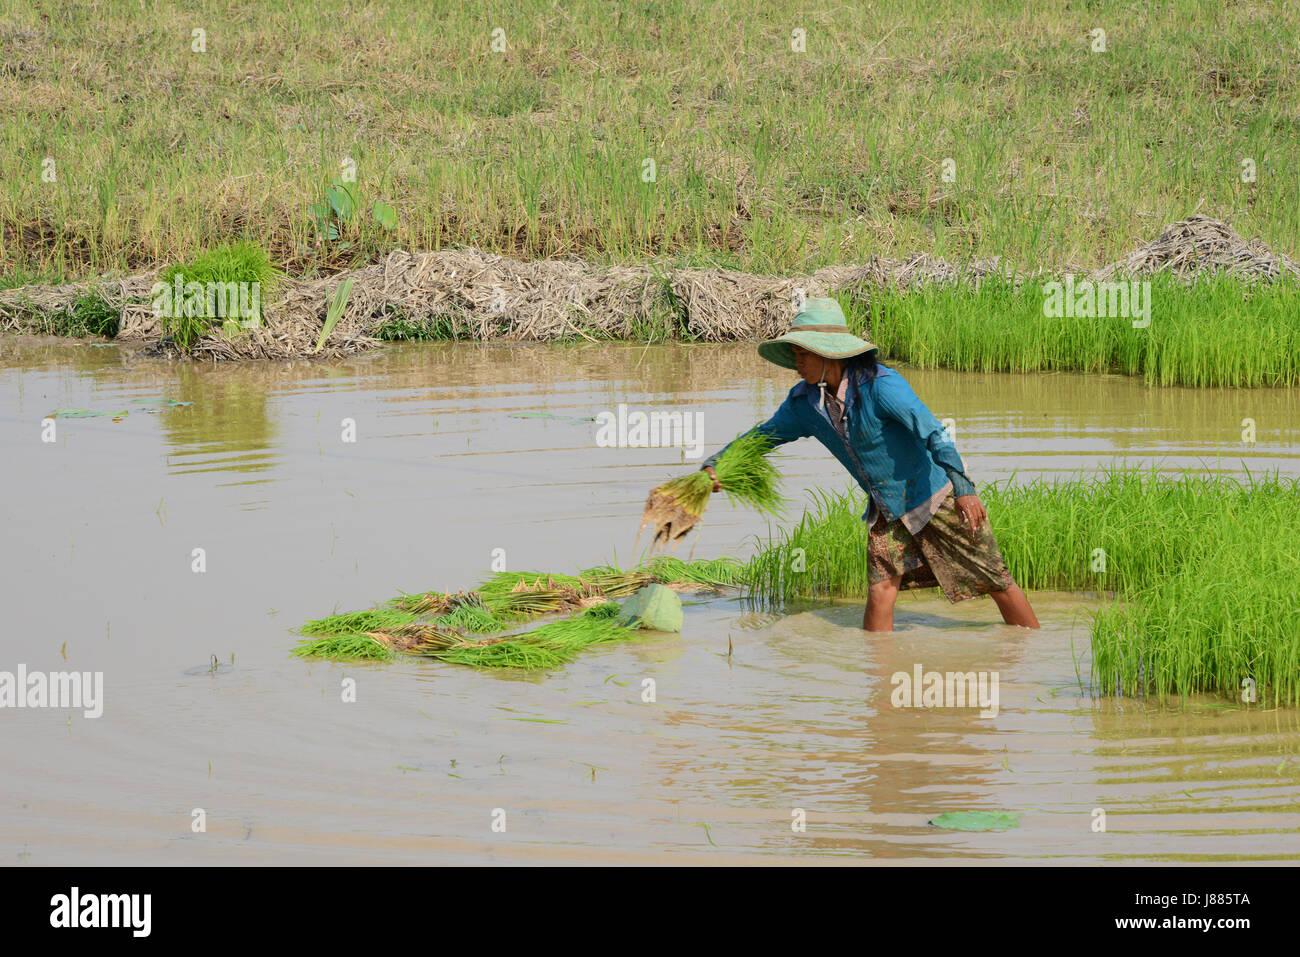 Travaillant dans les rizières de la province de Siem Reap, Cambodge Banque D'Images